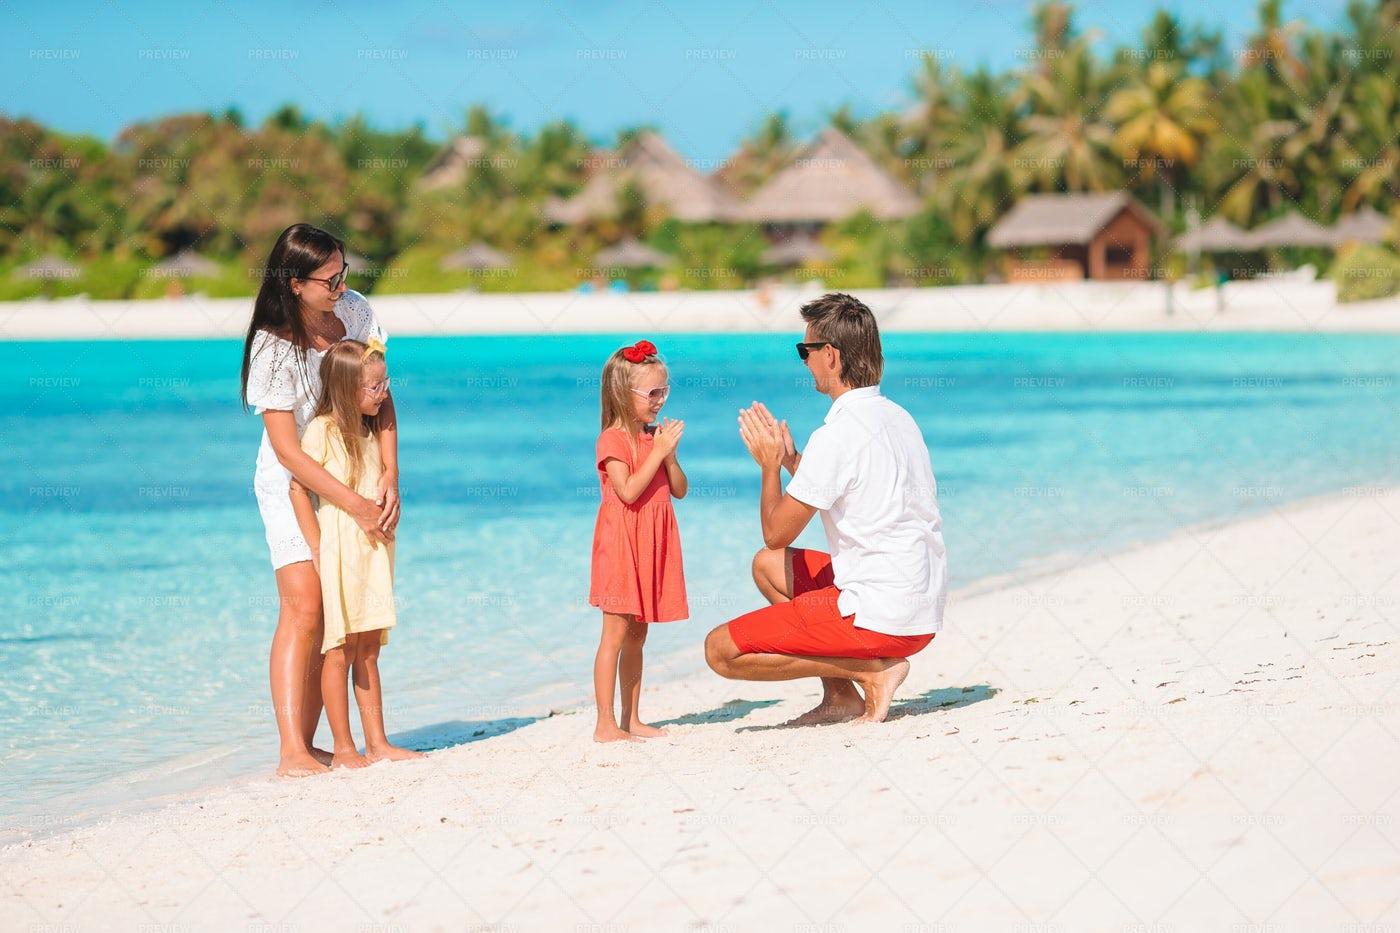 Vacationing Family: Stock Photos